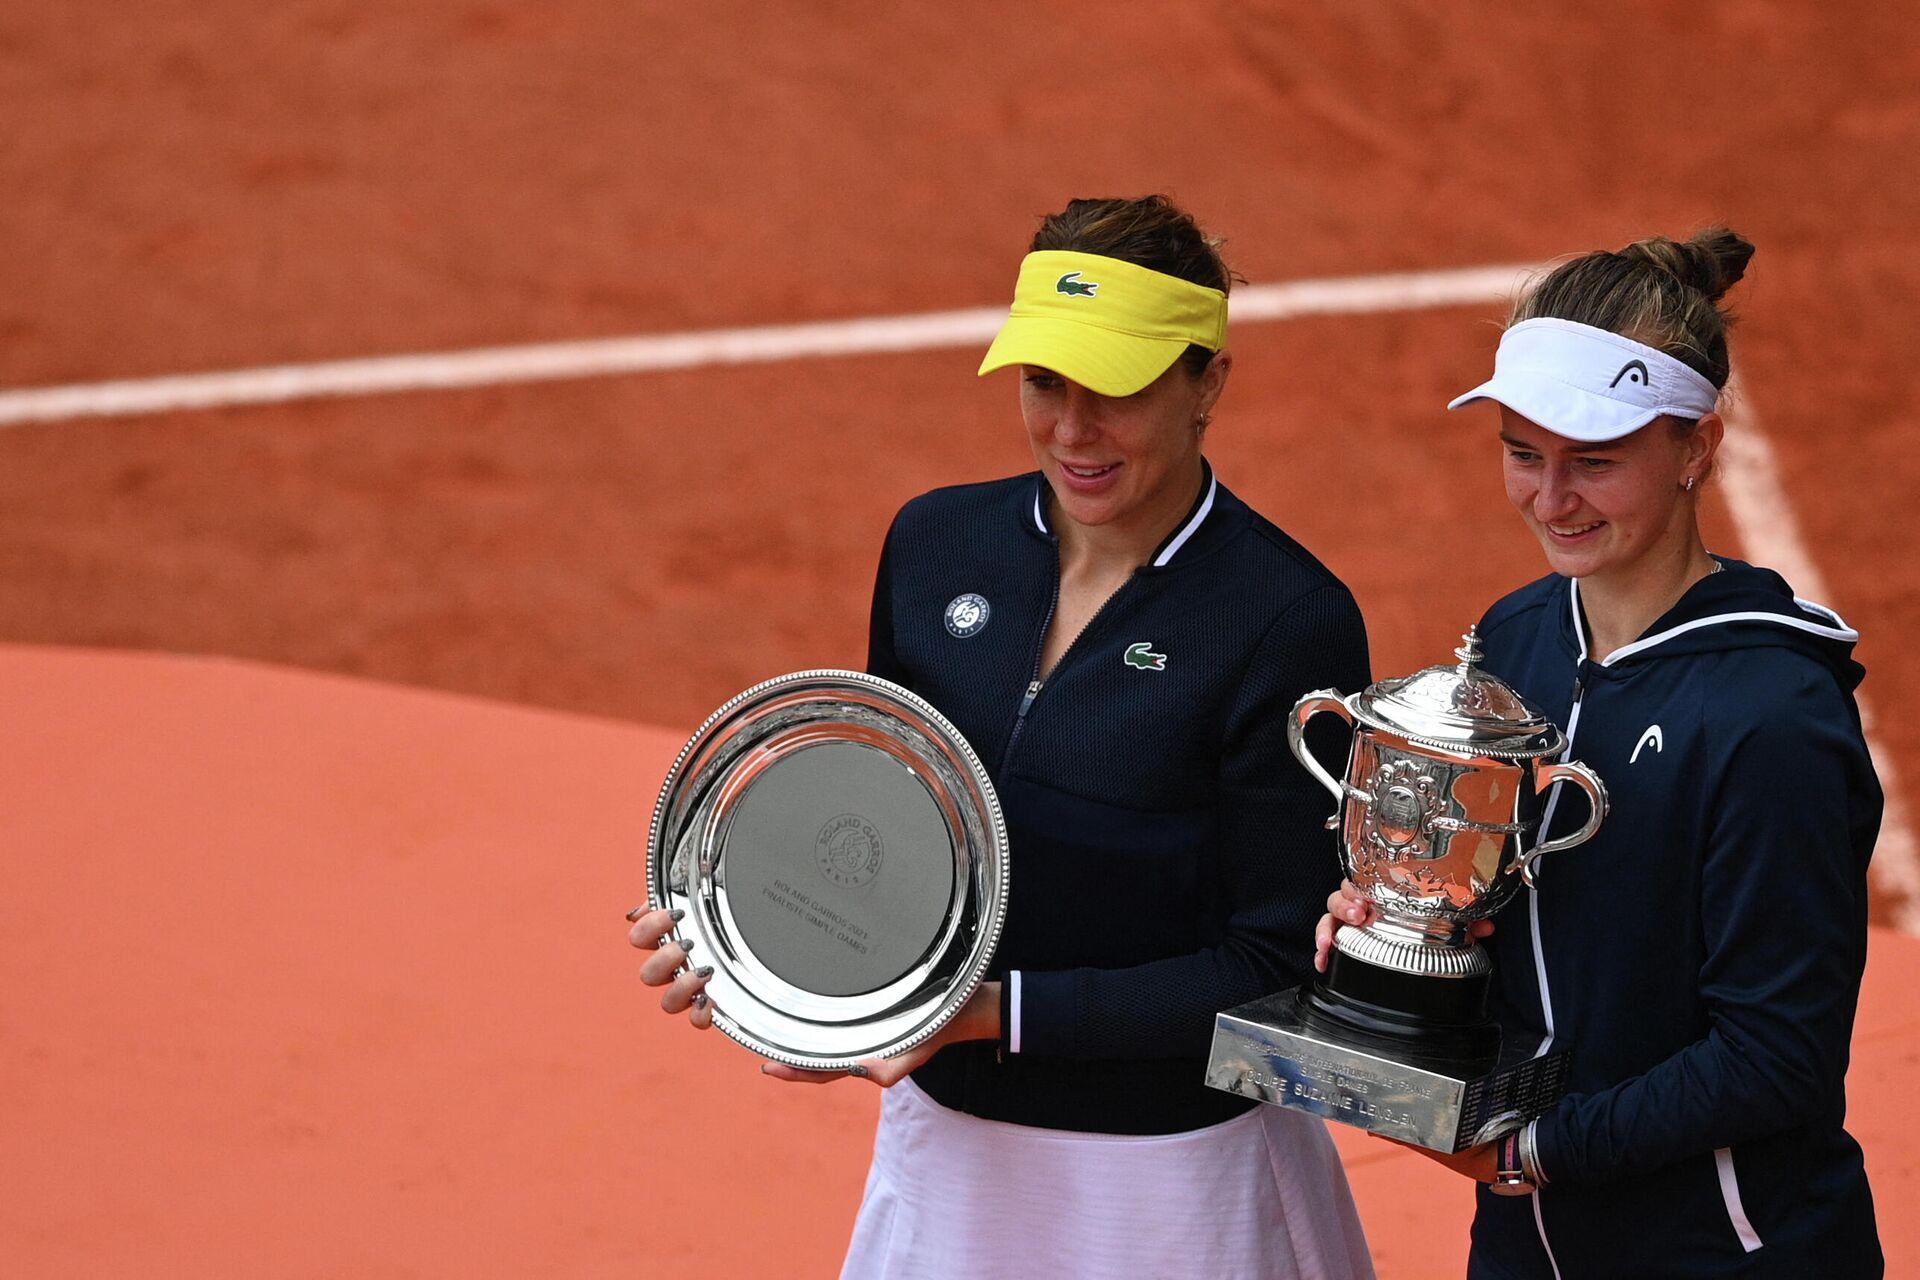 Слева направо: теннисистки Анастасия Павлюченкова (Россия) и Барбора Крейчикова (Чехия) - РИА Новости, 1920, 13.06.2021